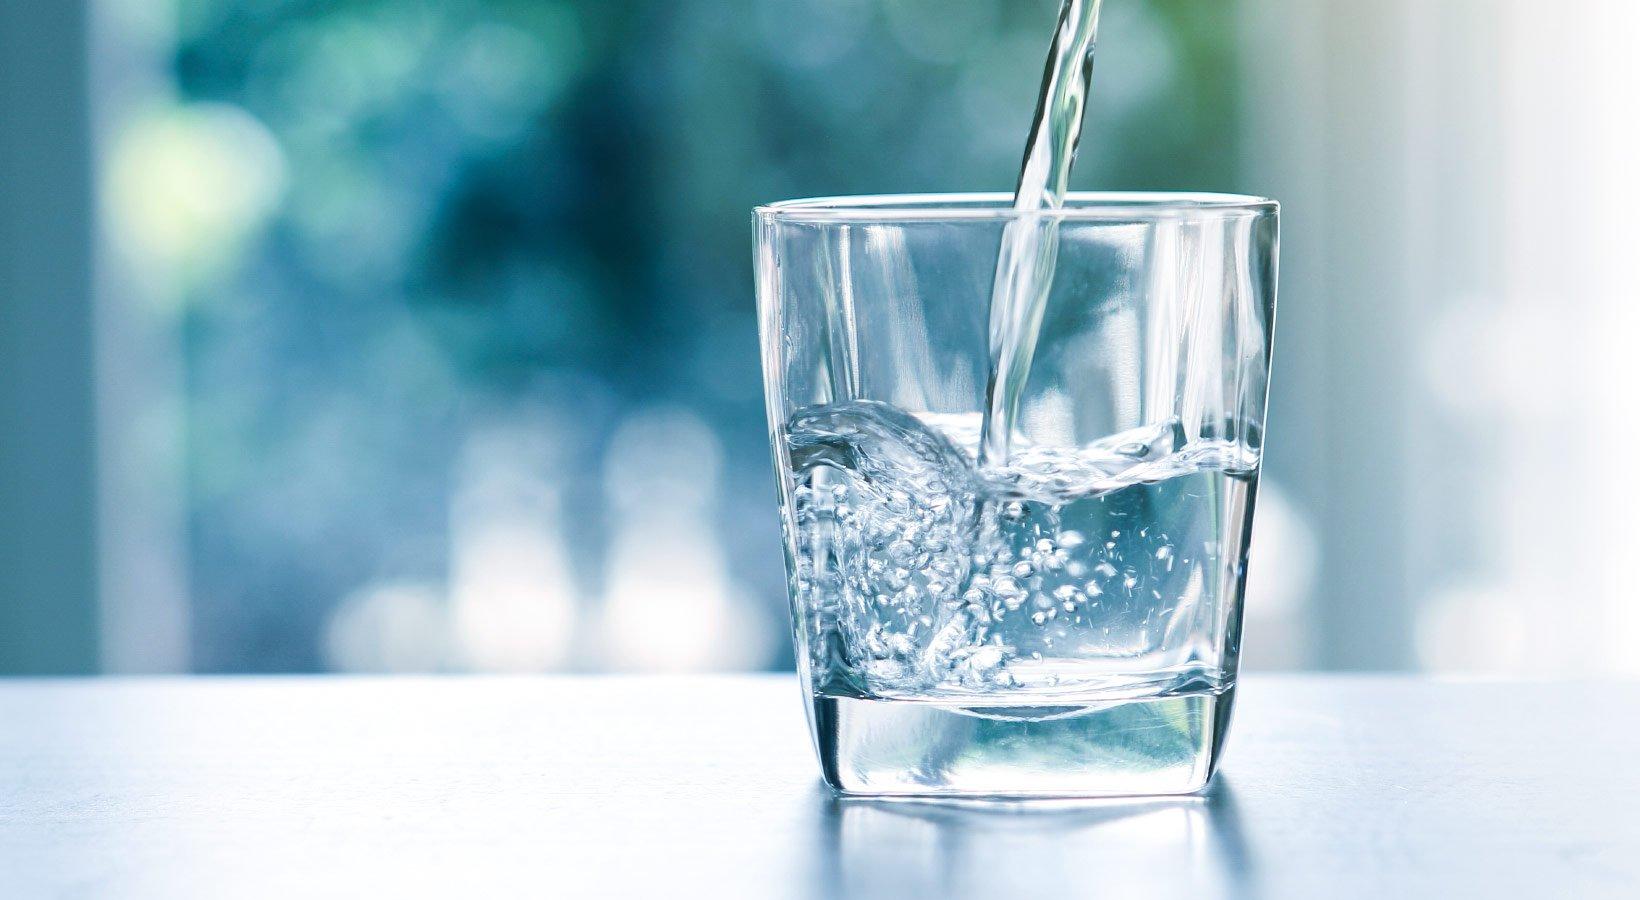 Heizung & Sanitär - Trinkwasser